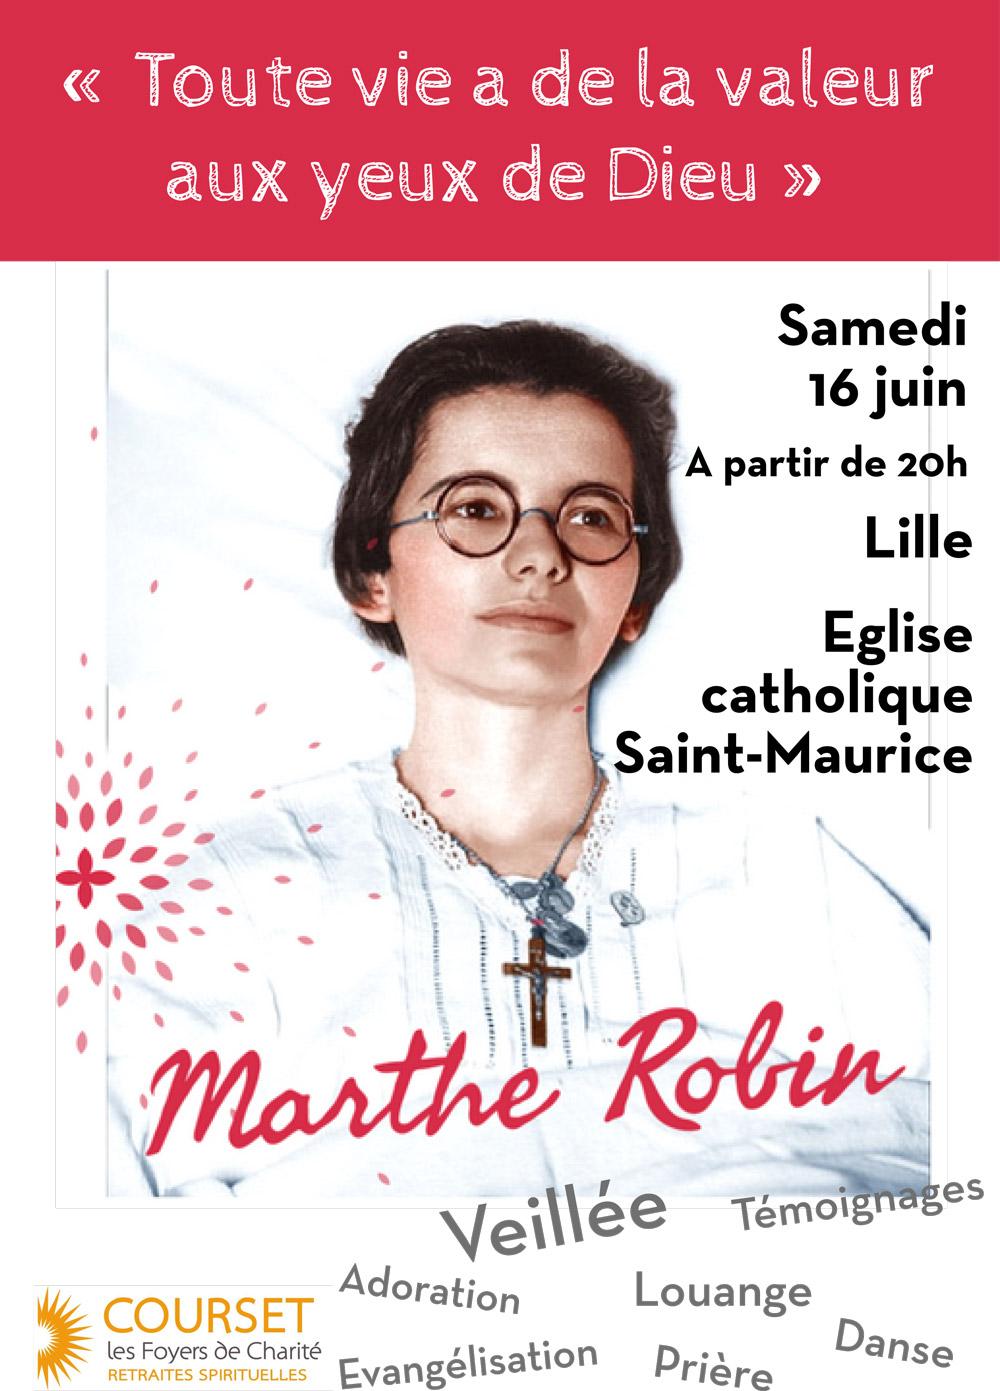 Veillée Marthe Robin à Lille